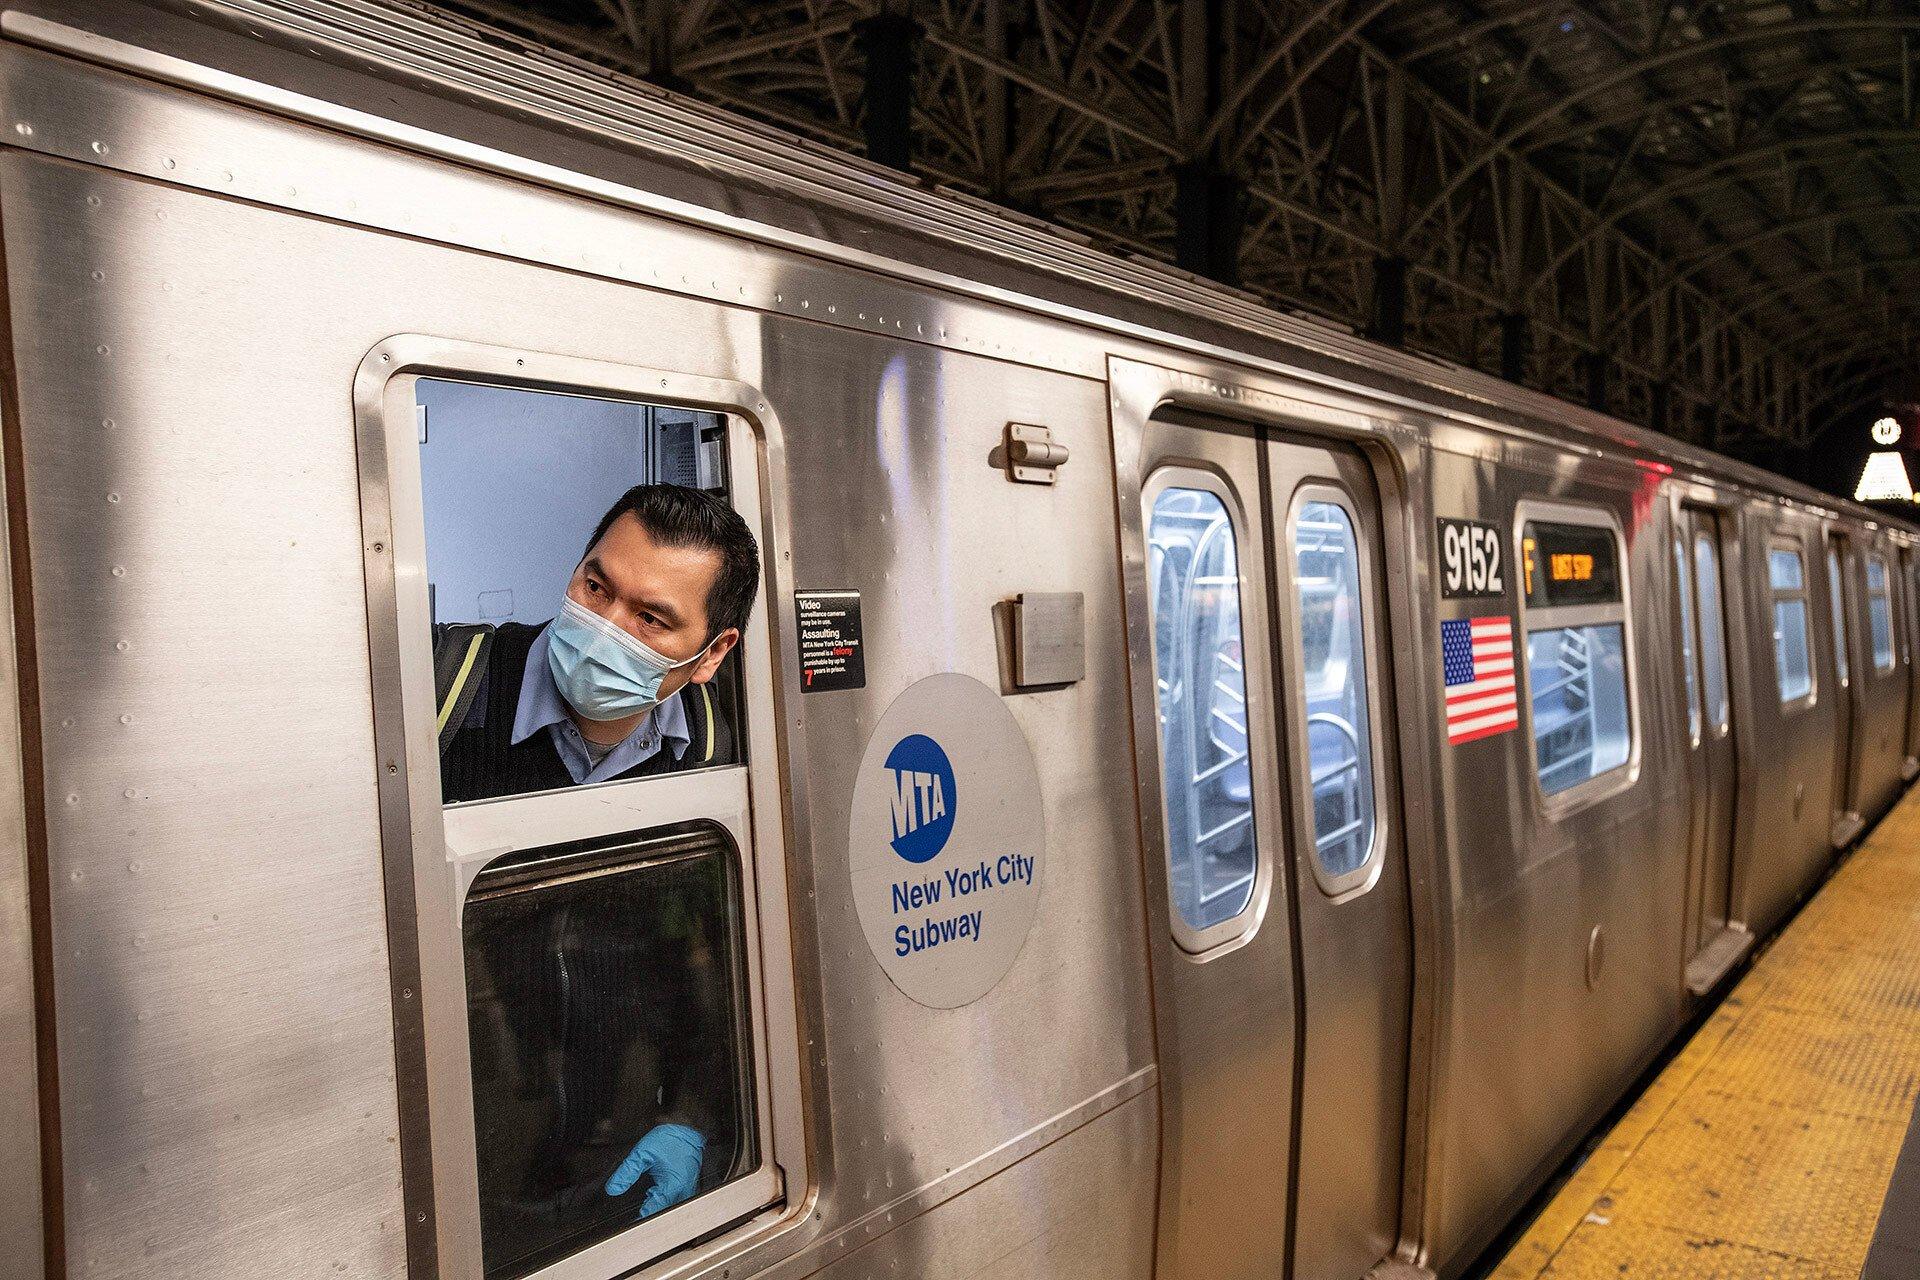 كيف تختار وسيلة النقل العام في نيويورك